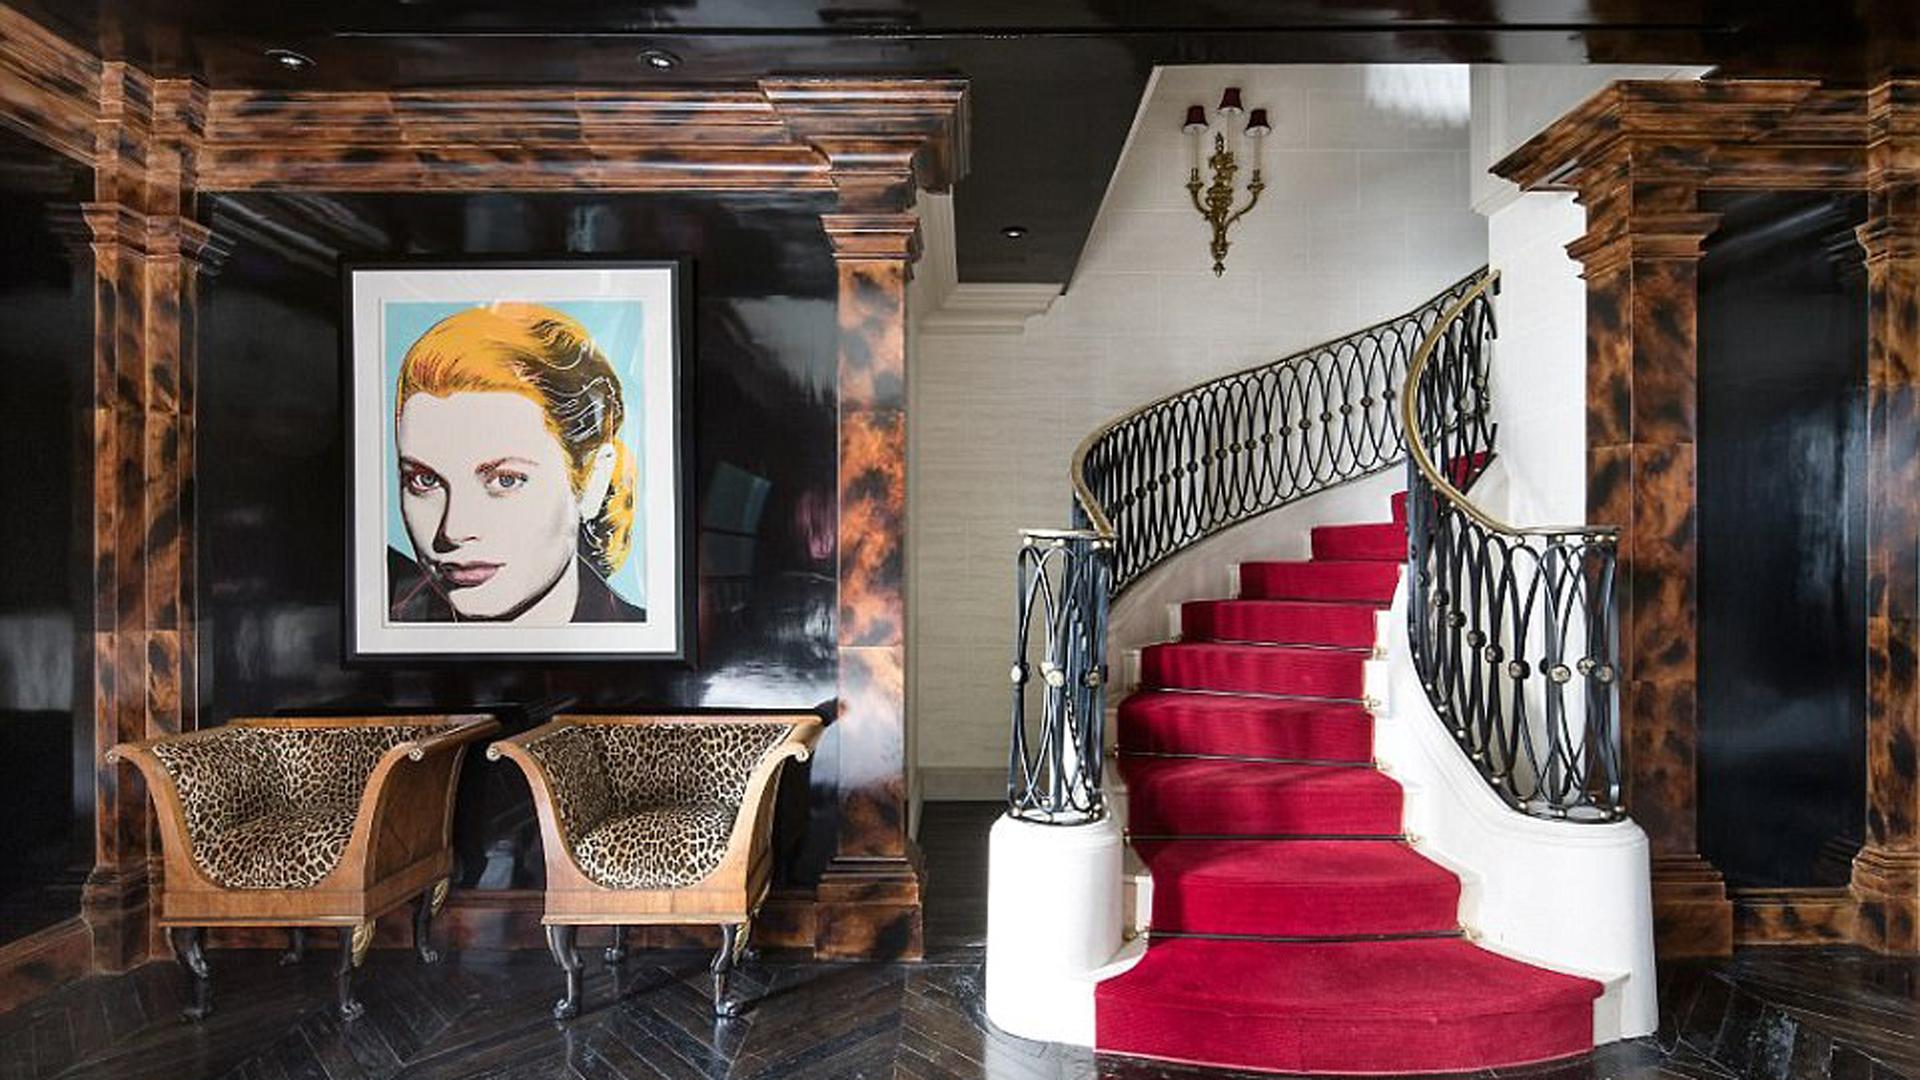 El lujoso departamento se encuentra en venta por la suma de 50 millones de dólares, con una de las mejores vistas de Nueva York